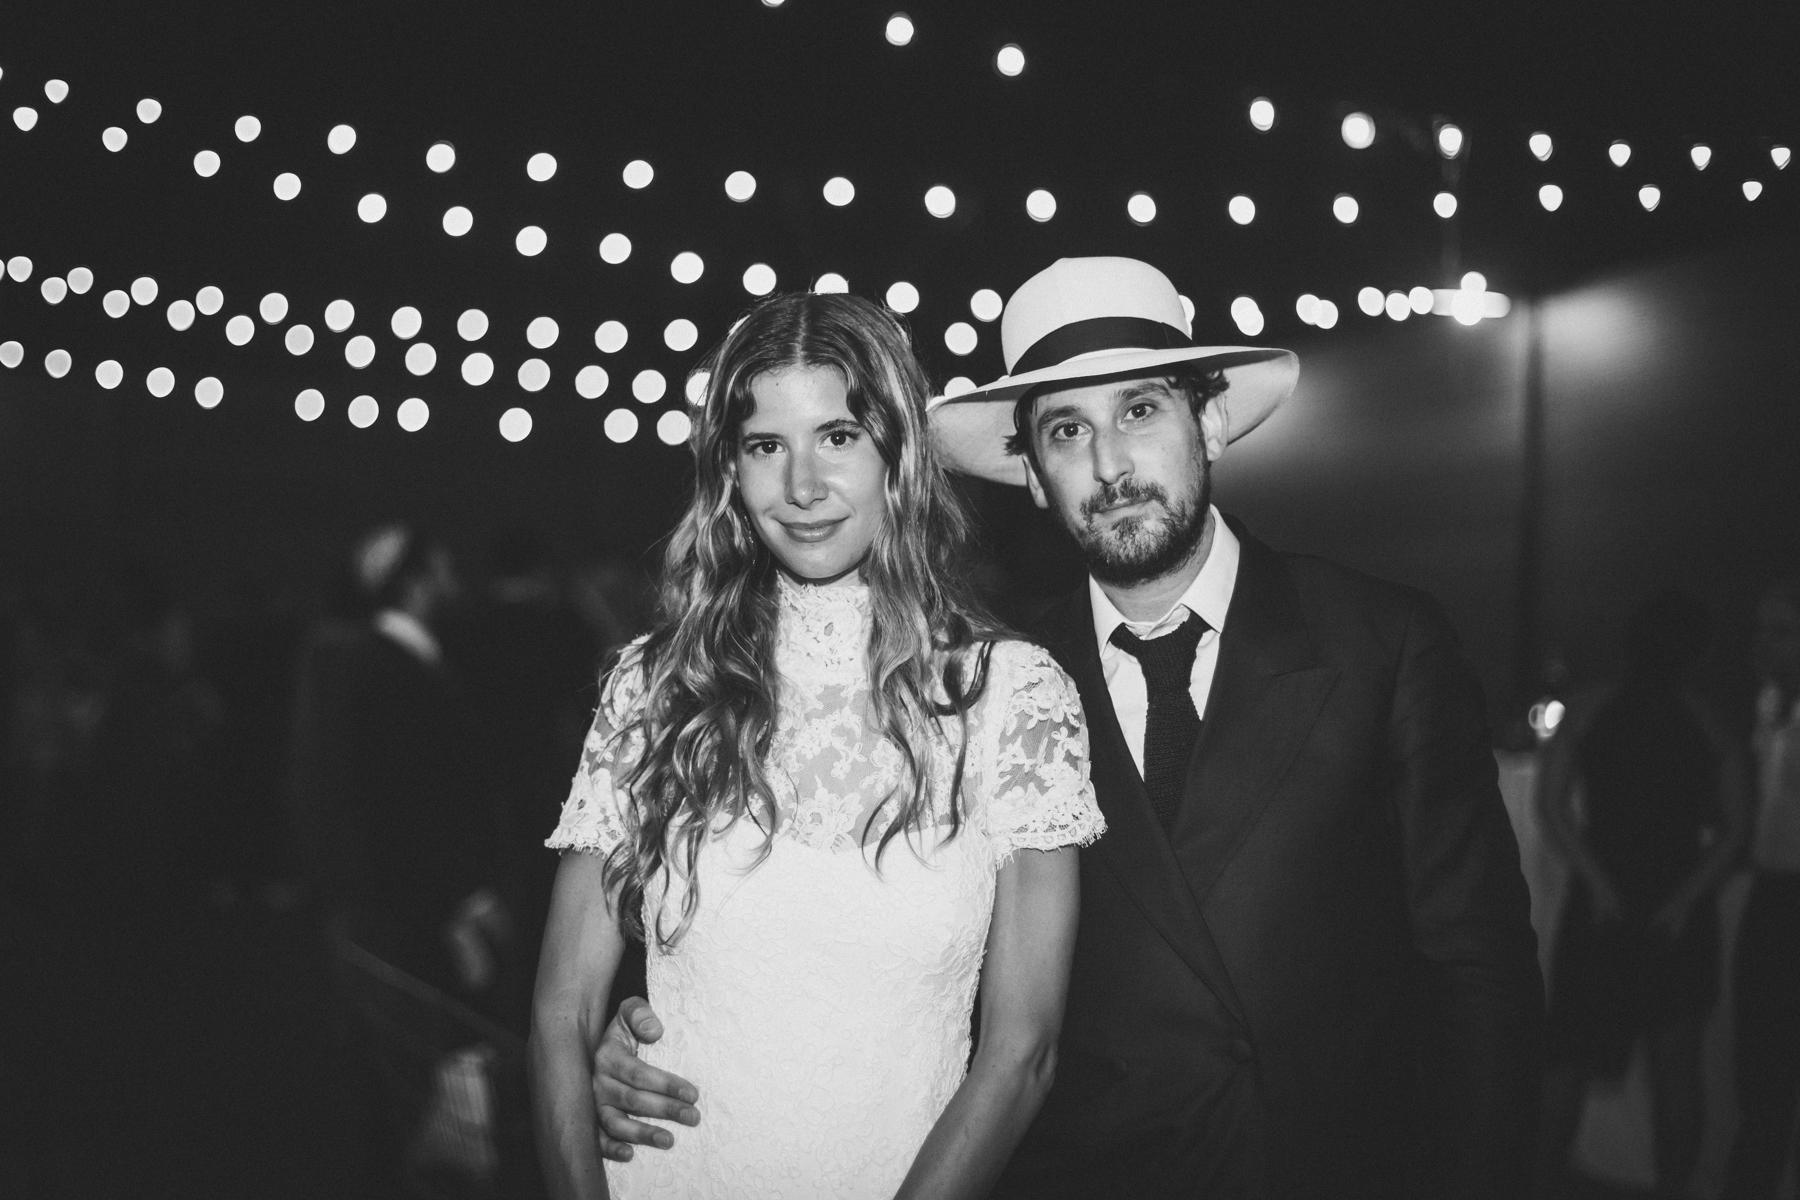 Wythe-Hotel-Green-Building-Brooklyn-Documentary-Wedding-Photography-130.jpg